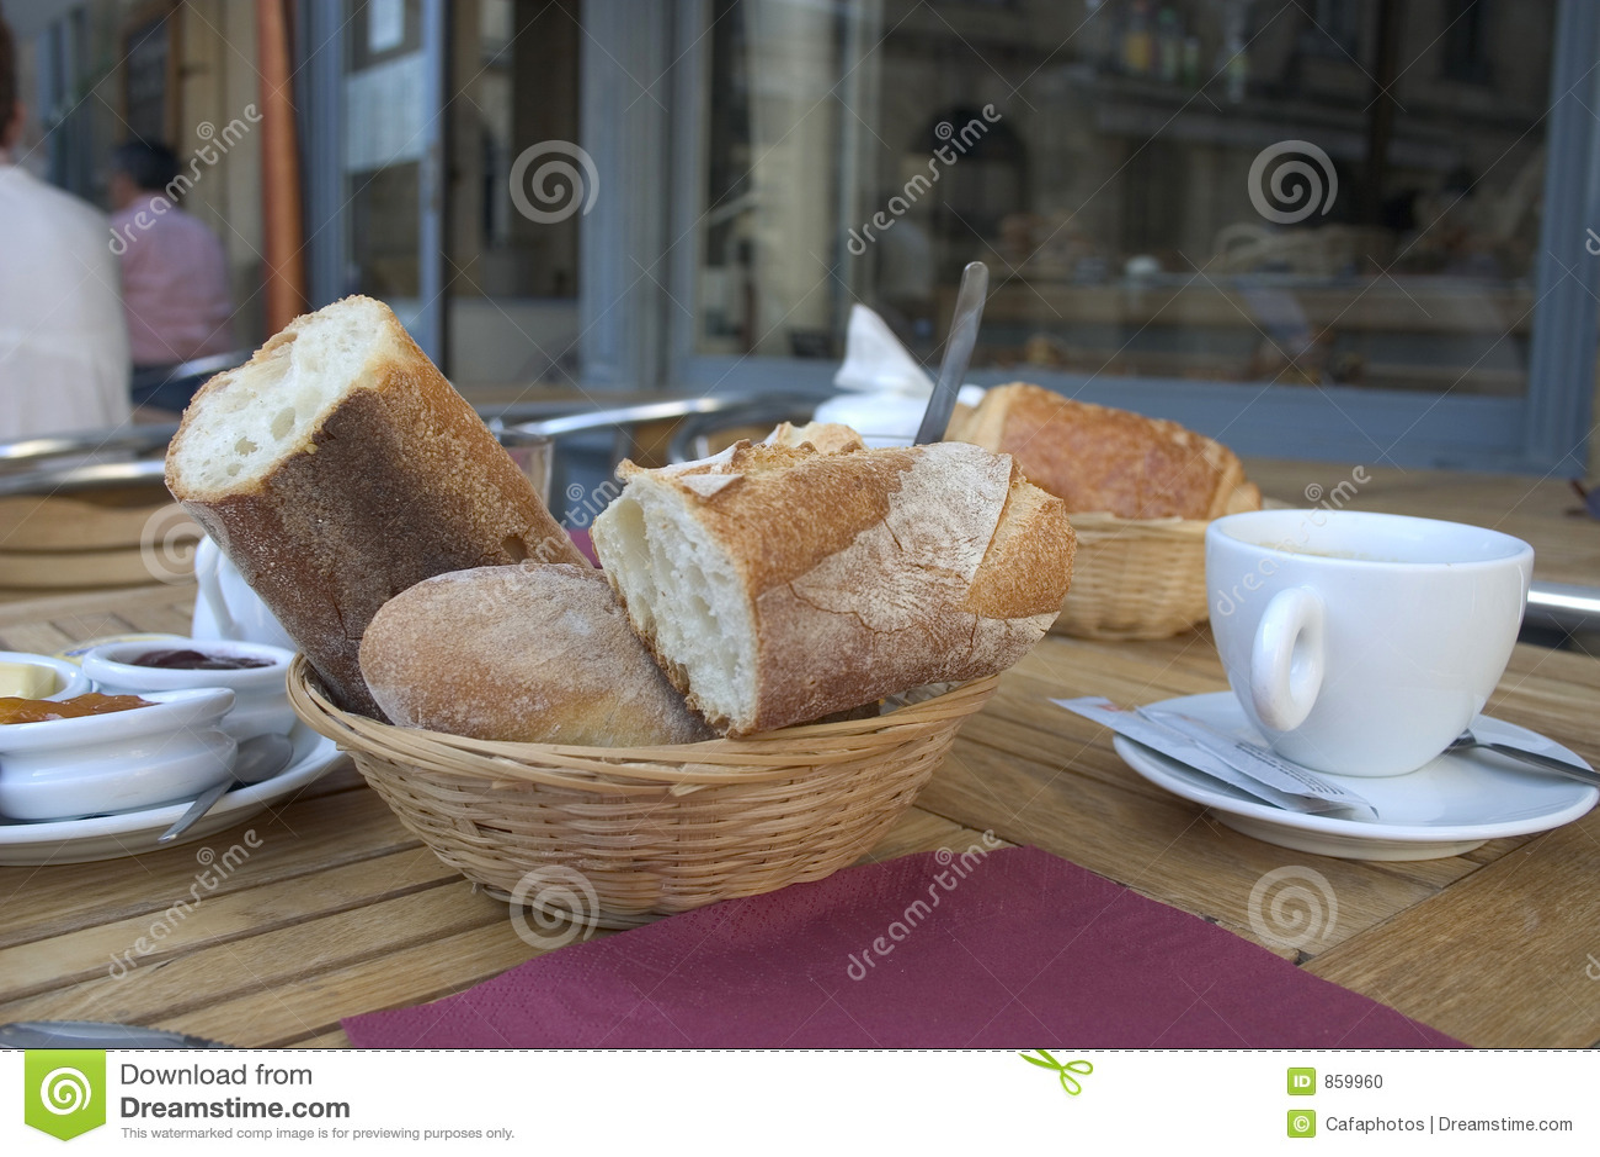 πρόγευμα γαλλικά